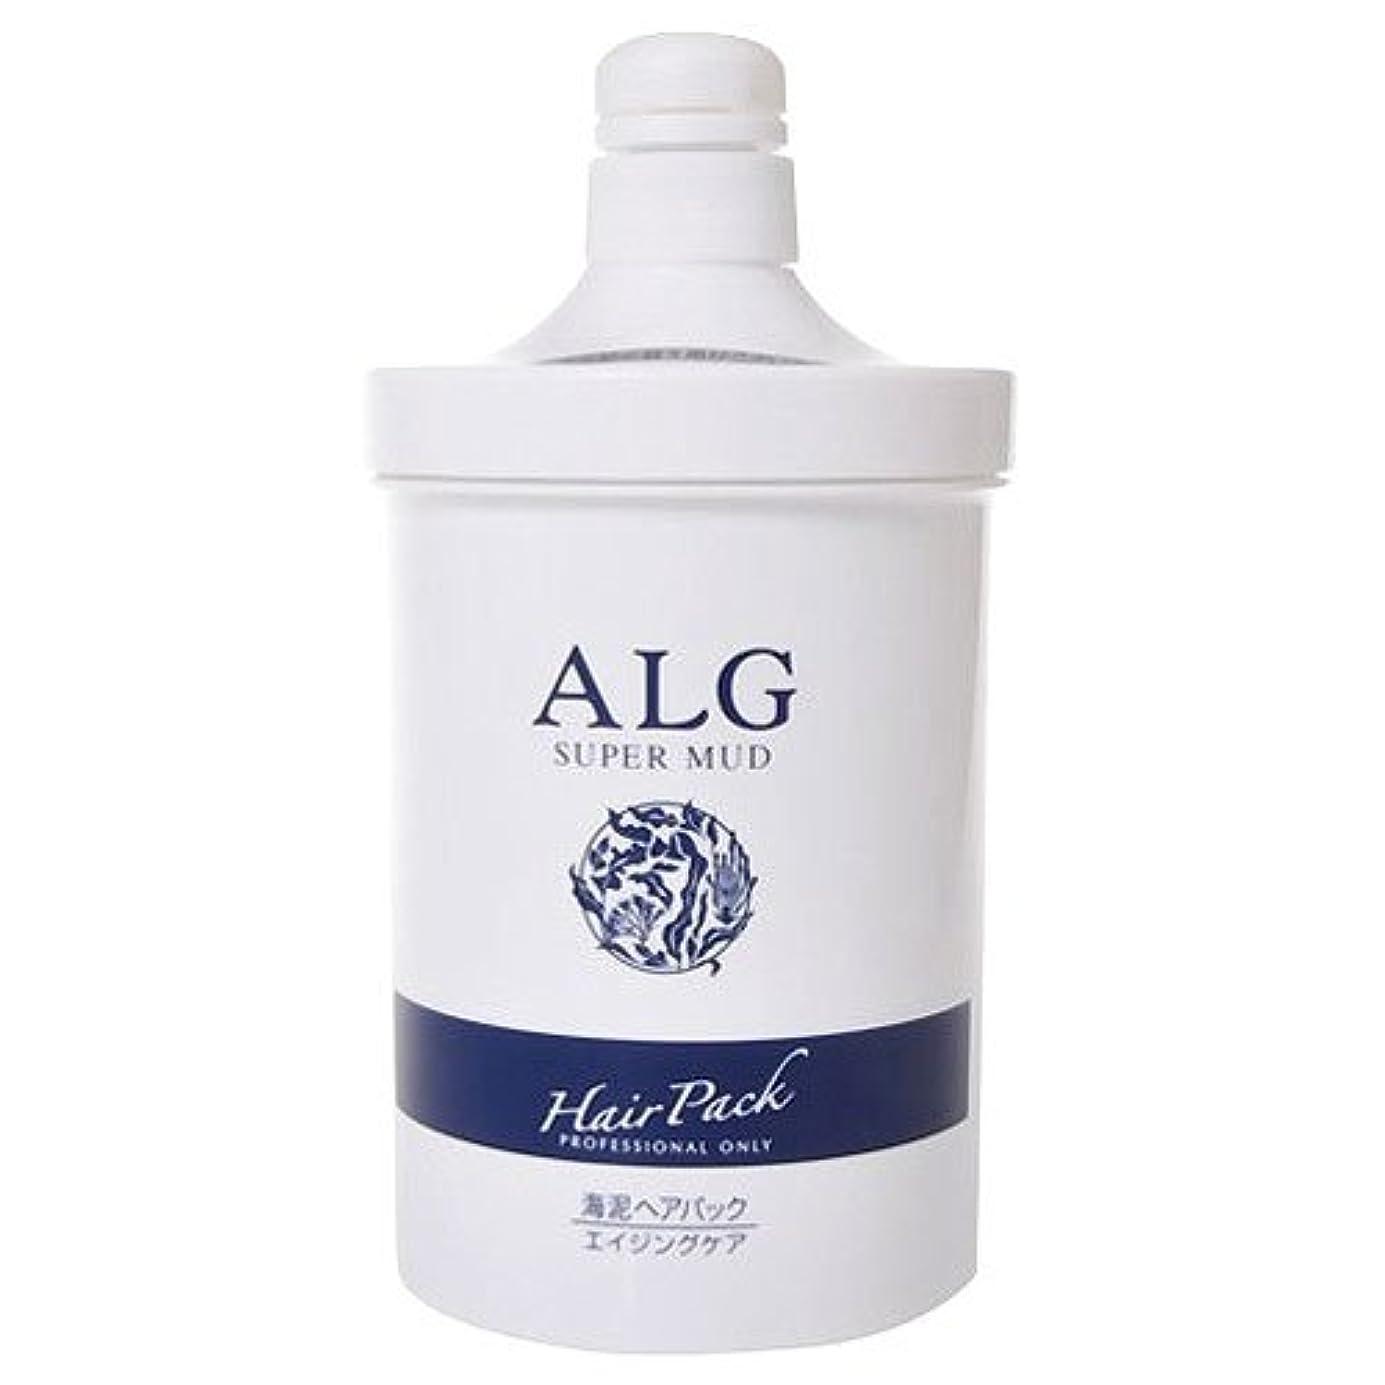 胃スリラー豊富なアルグ スーパーマッドヘアパック M 1000g(ポンプ)